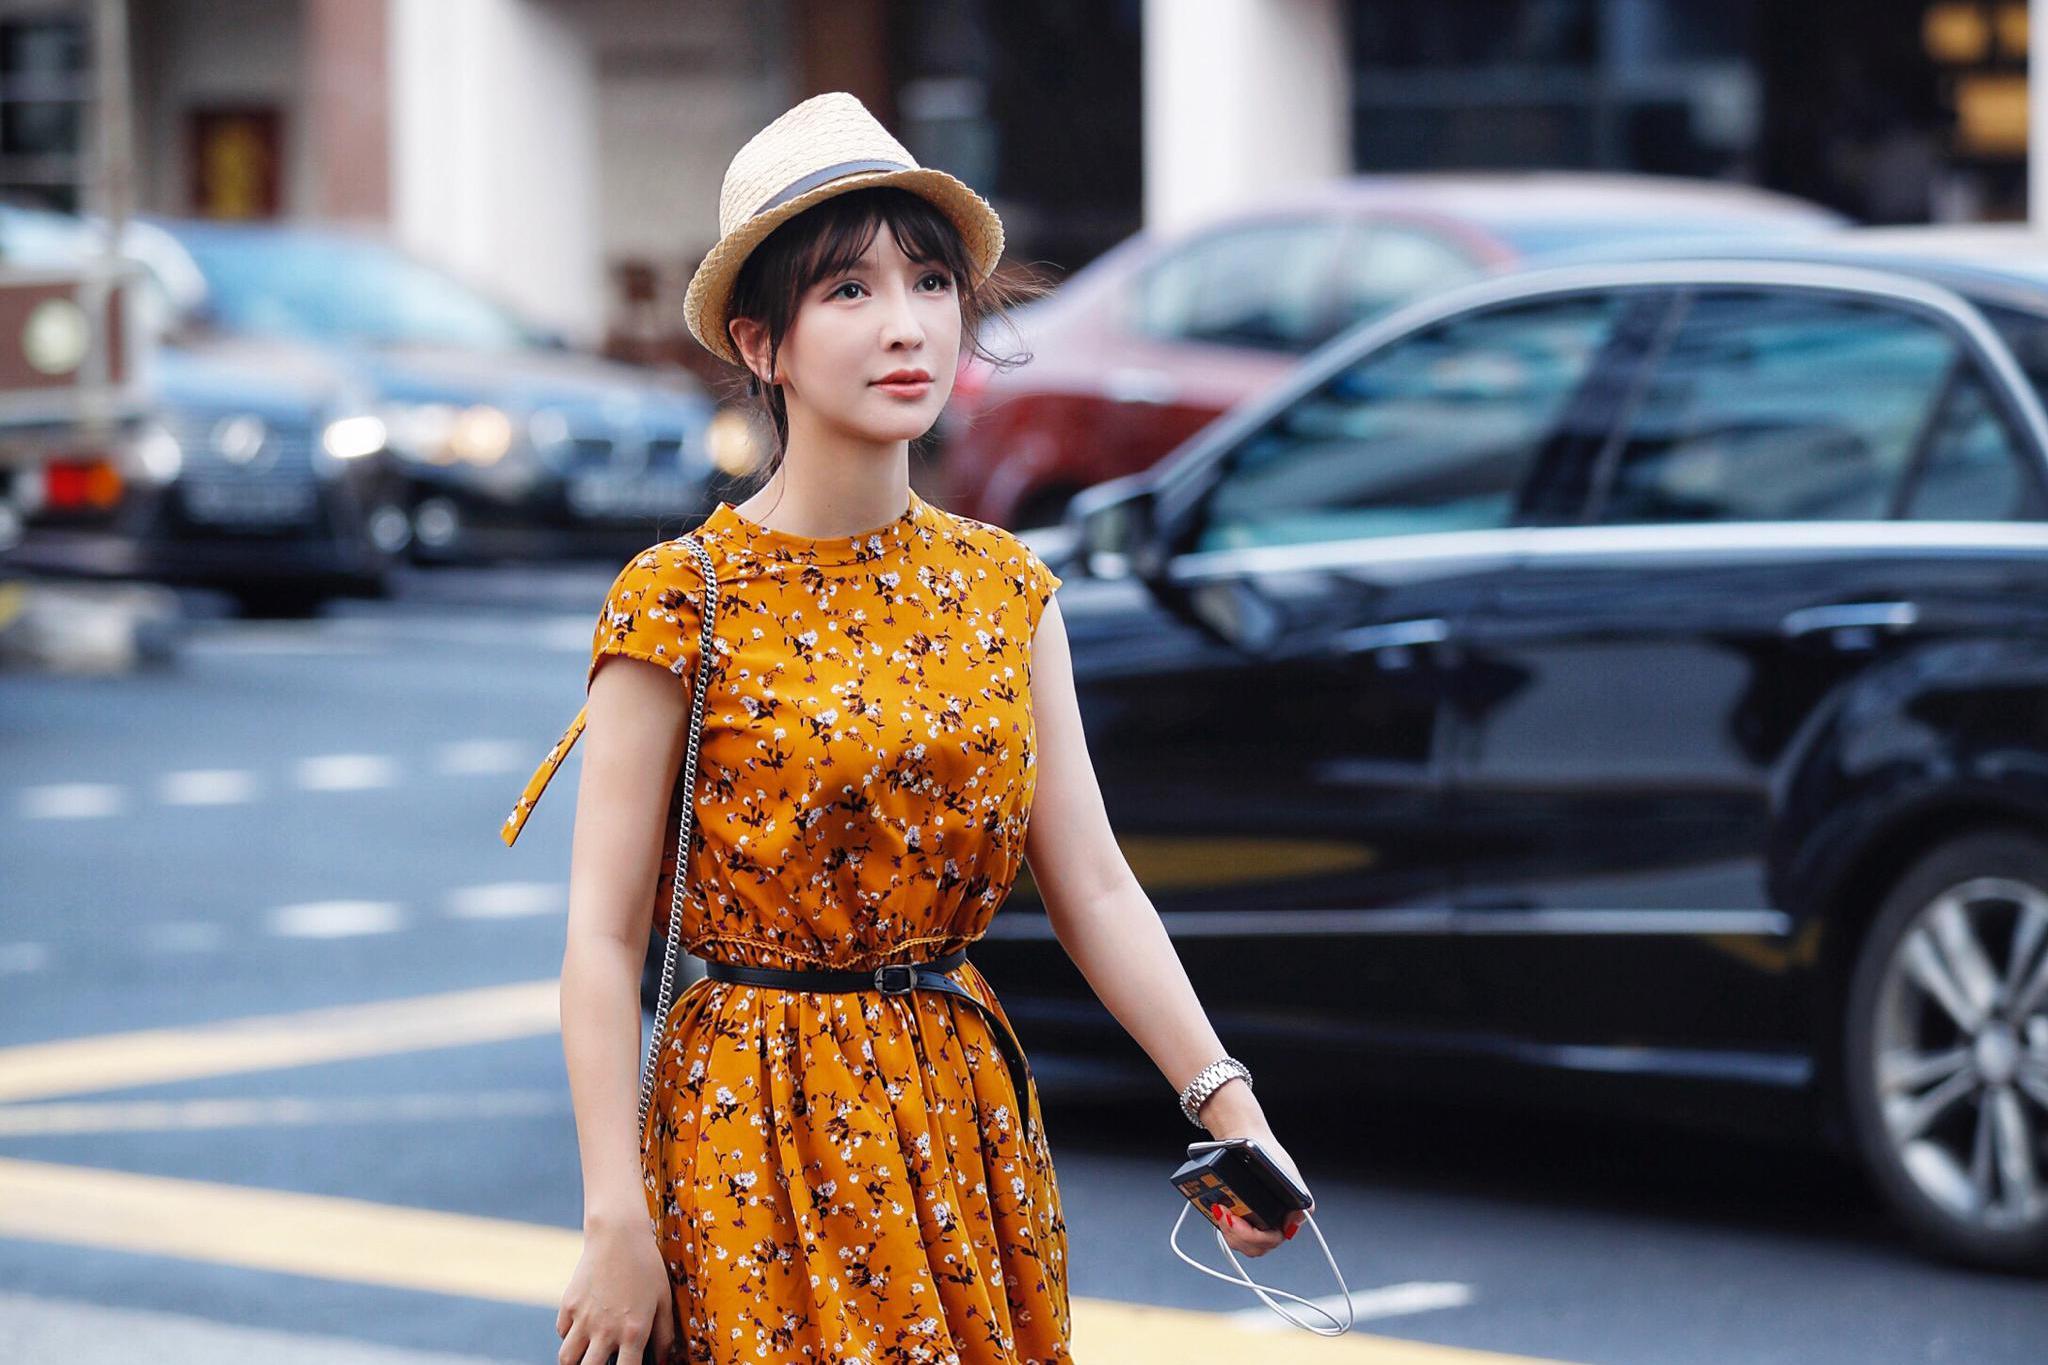 班嘉佳新加坡街拍写真曝光 惬意随性尽显异国风情